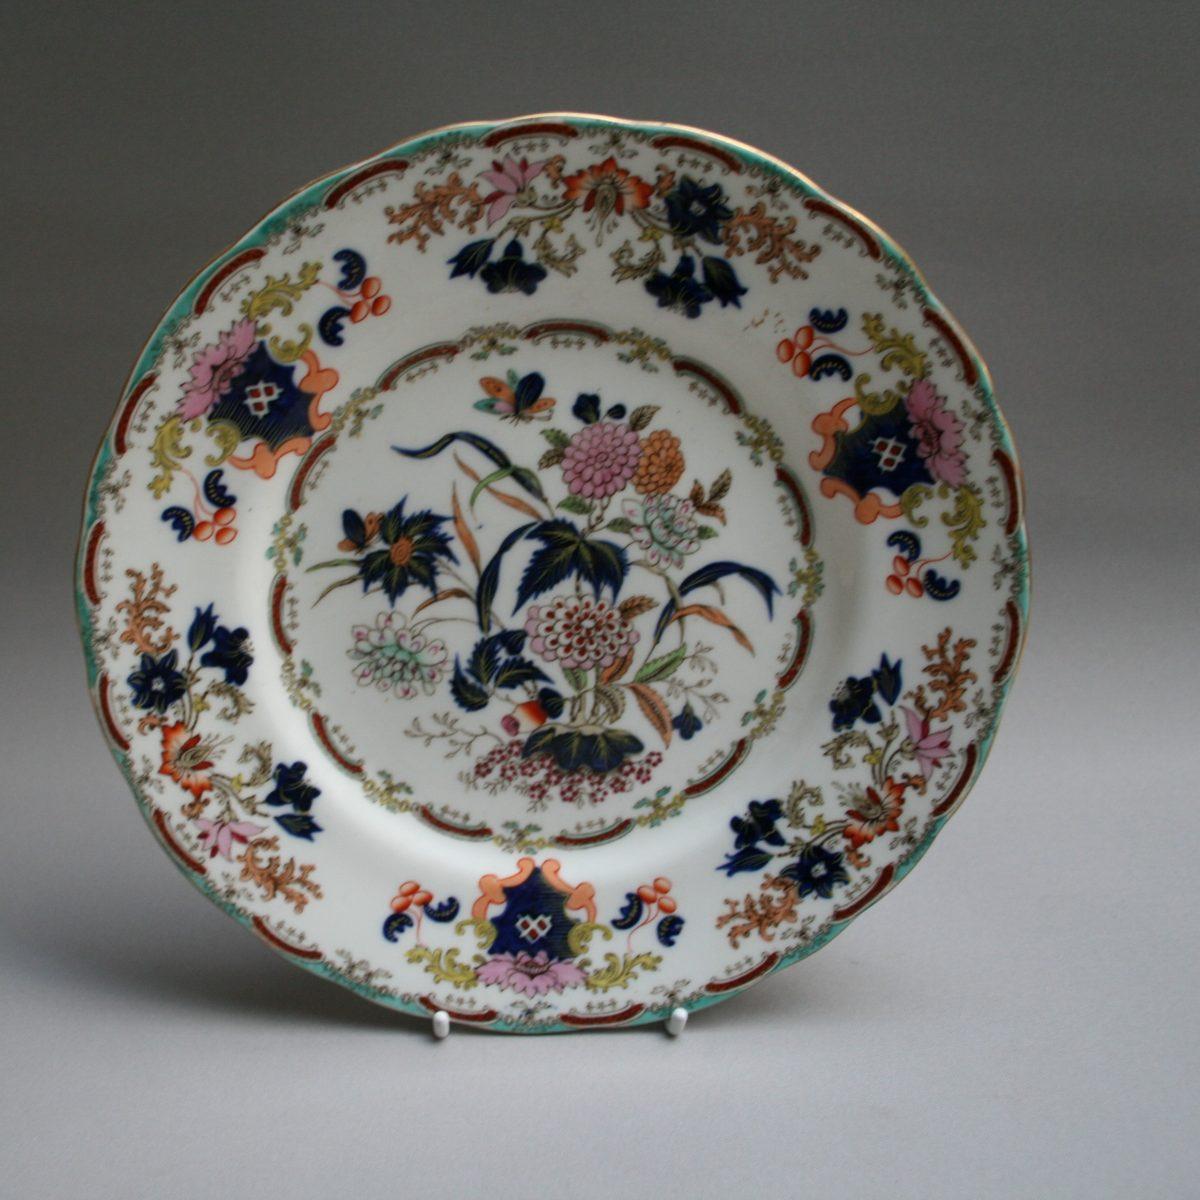 decorative plate with a scalloped rim/williamsantiques